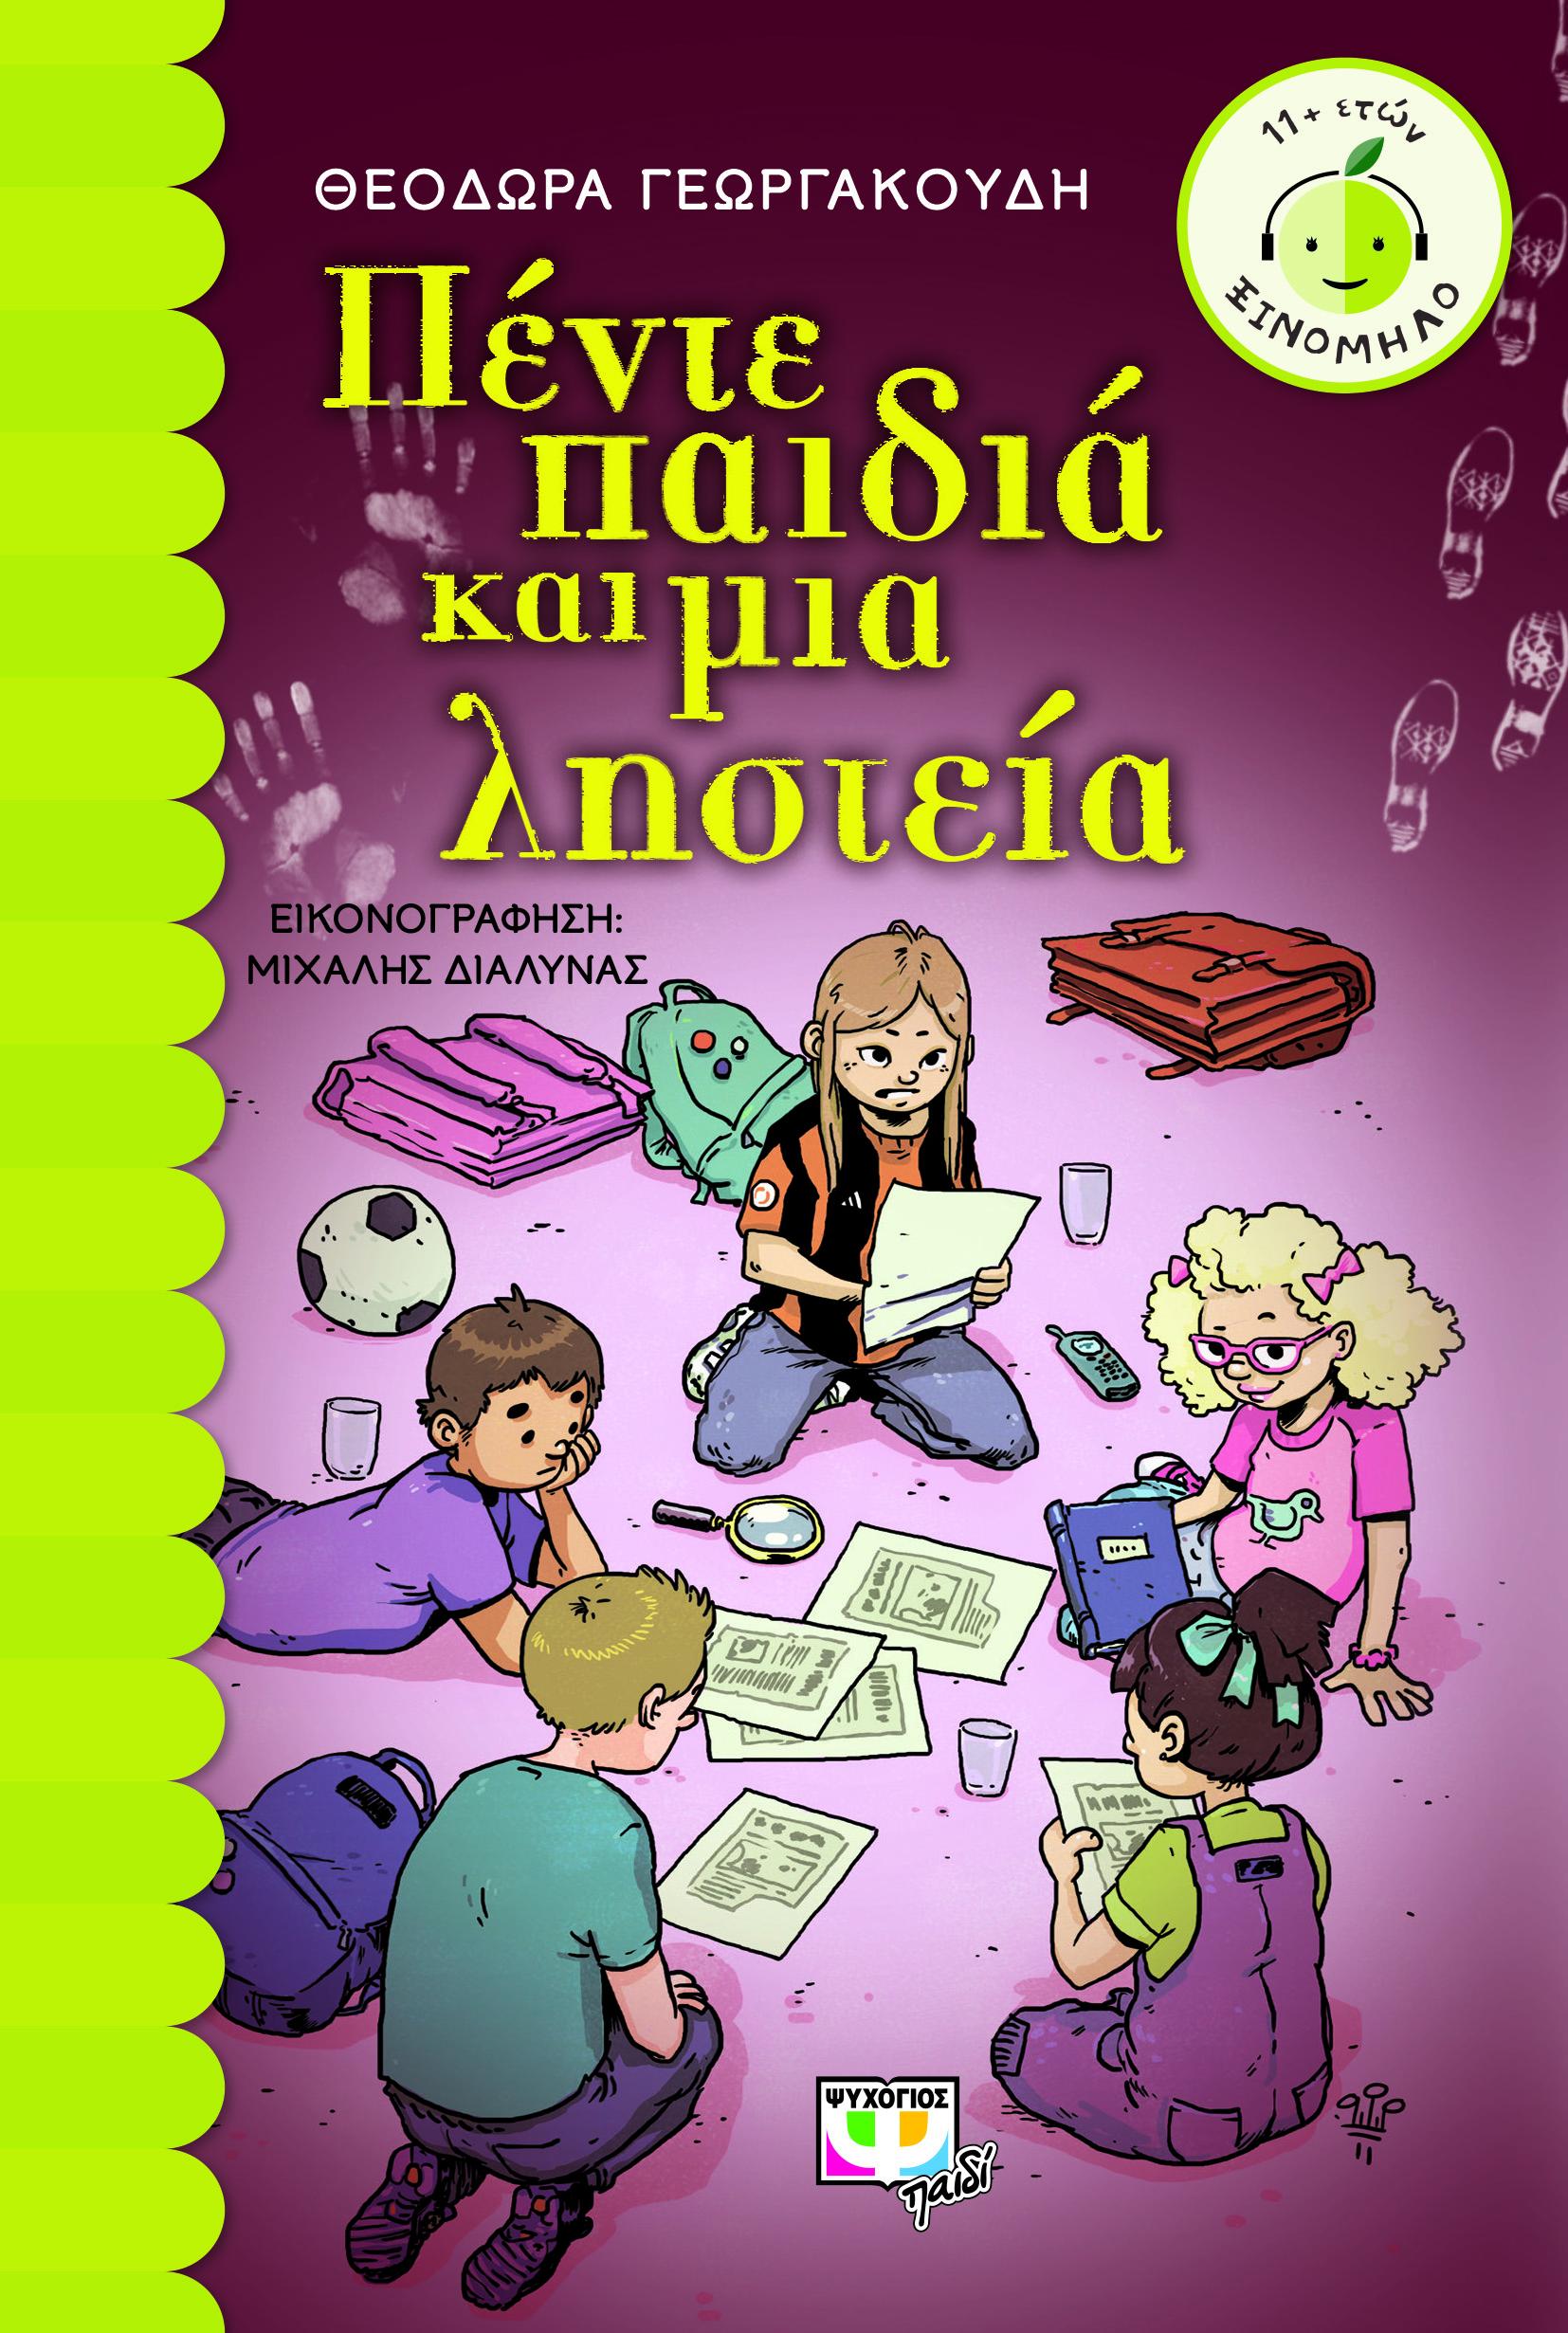 ΒΙΒΛΙΑ - Ξινόμηλο (11+ ετών) - Εκδόσεις Ψυχογιός - Σελ. 1 a03faadfbee